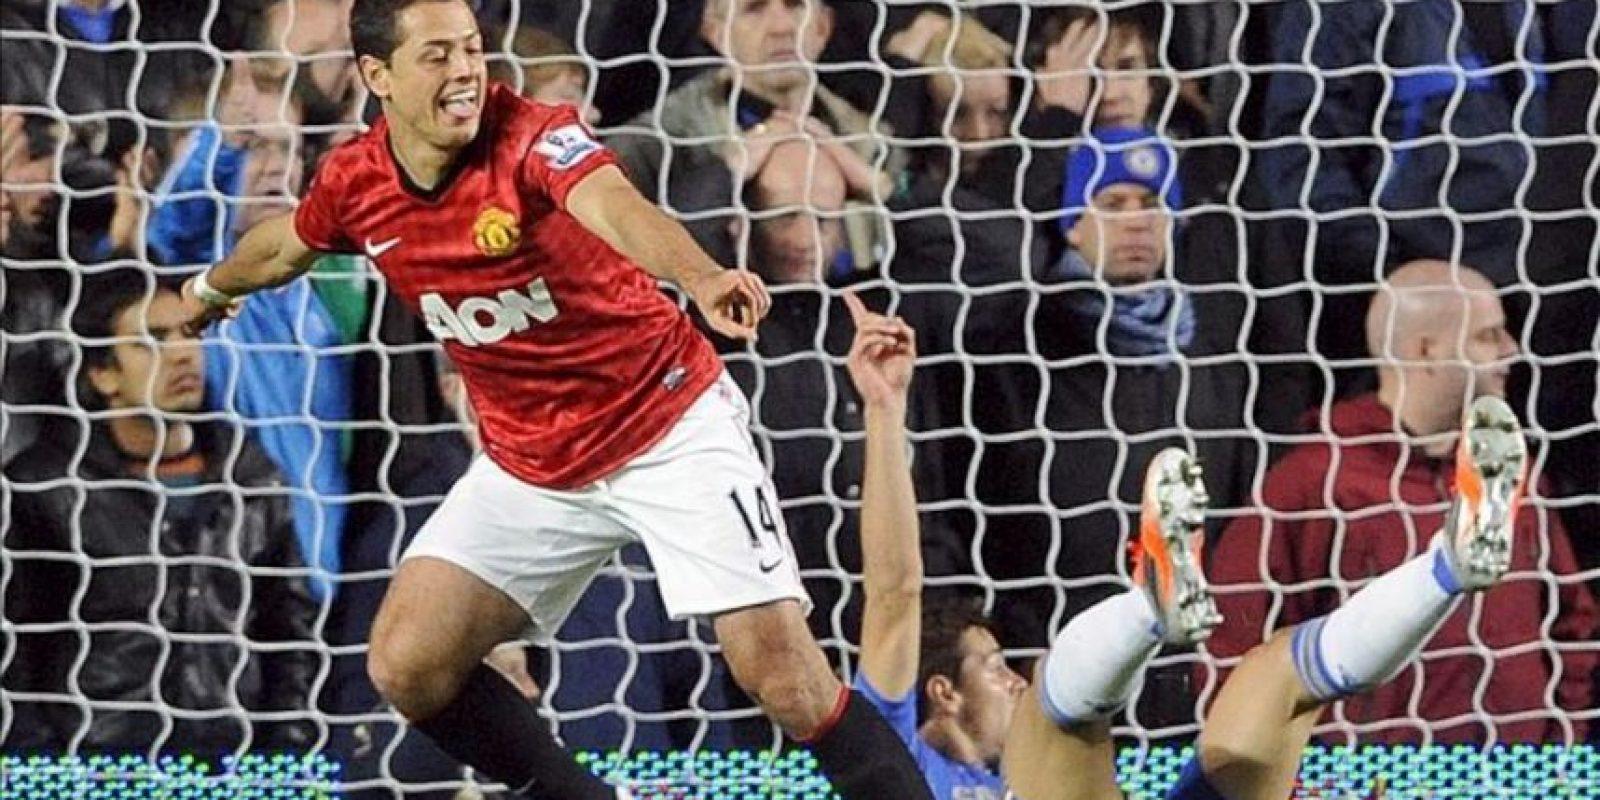 Javier 'Chicharito' Hernandez (2 i) is congratulated es felicitado por sus compañeros tras lograr el gol del triunfo ante el Chelsea en Stamford Bridge. EFE